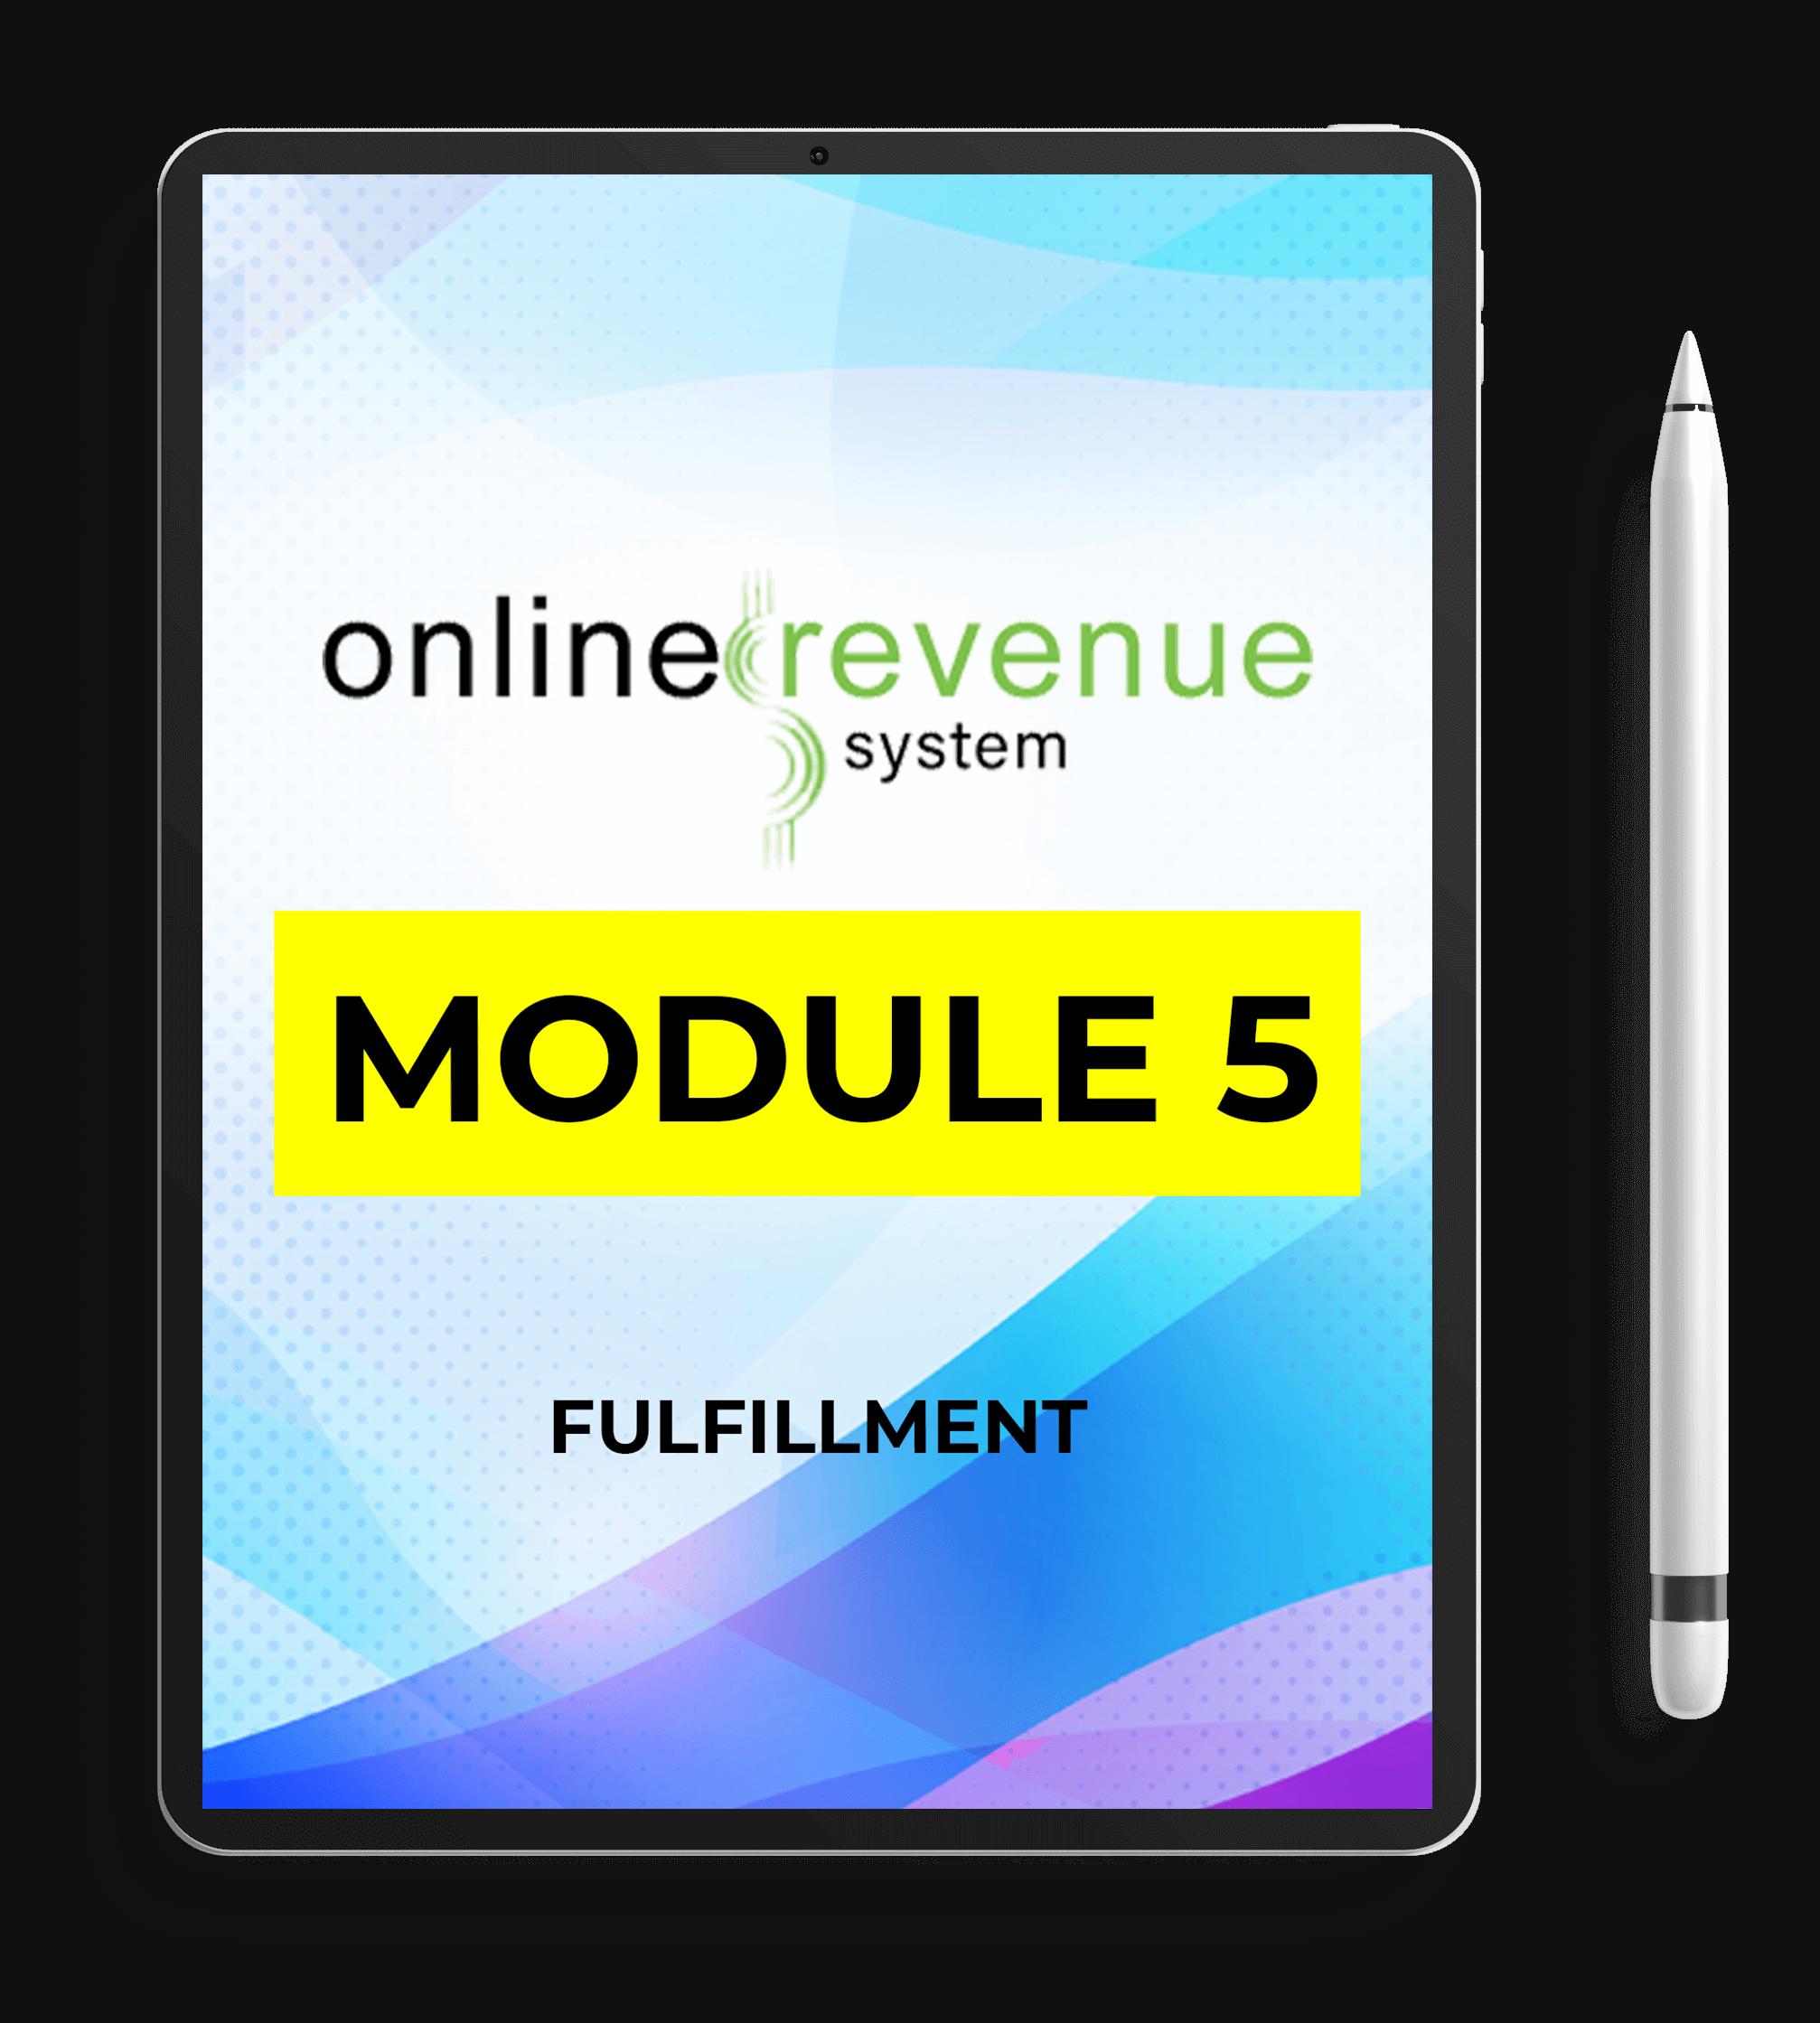 Online-Revenue-System-Review-Module-5